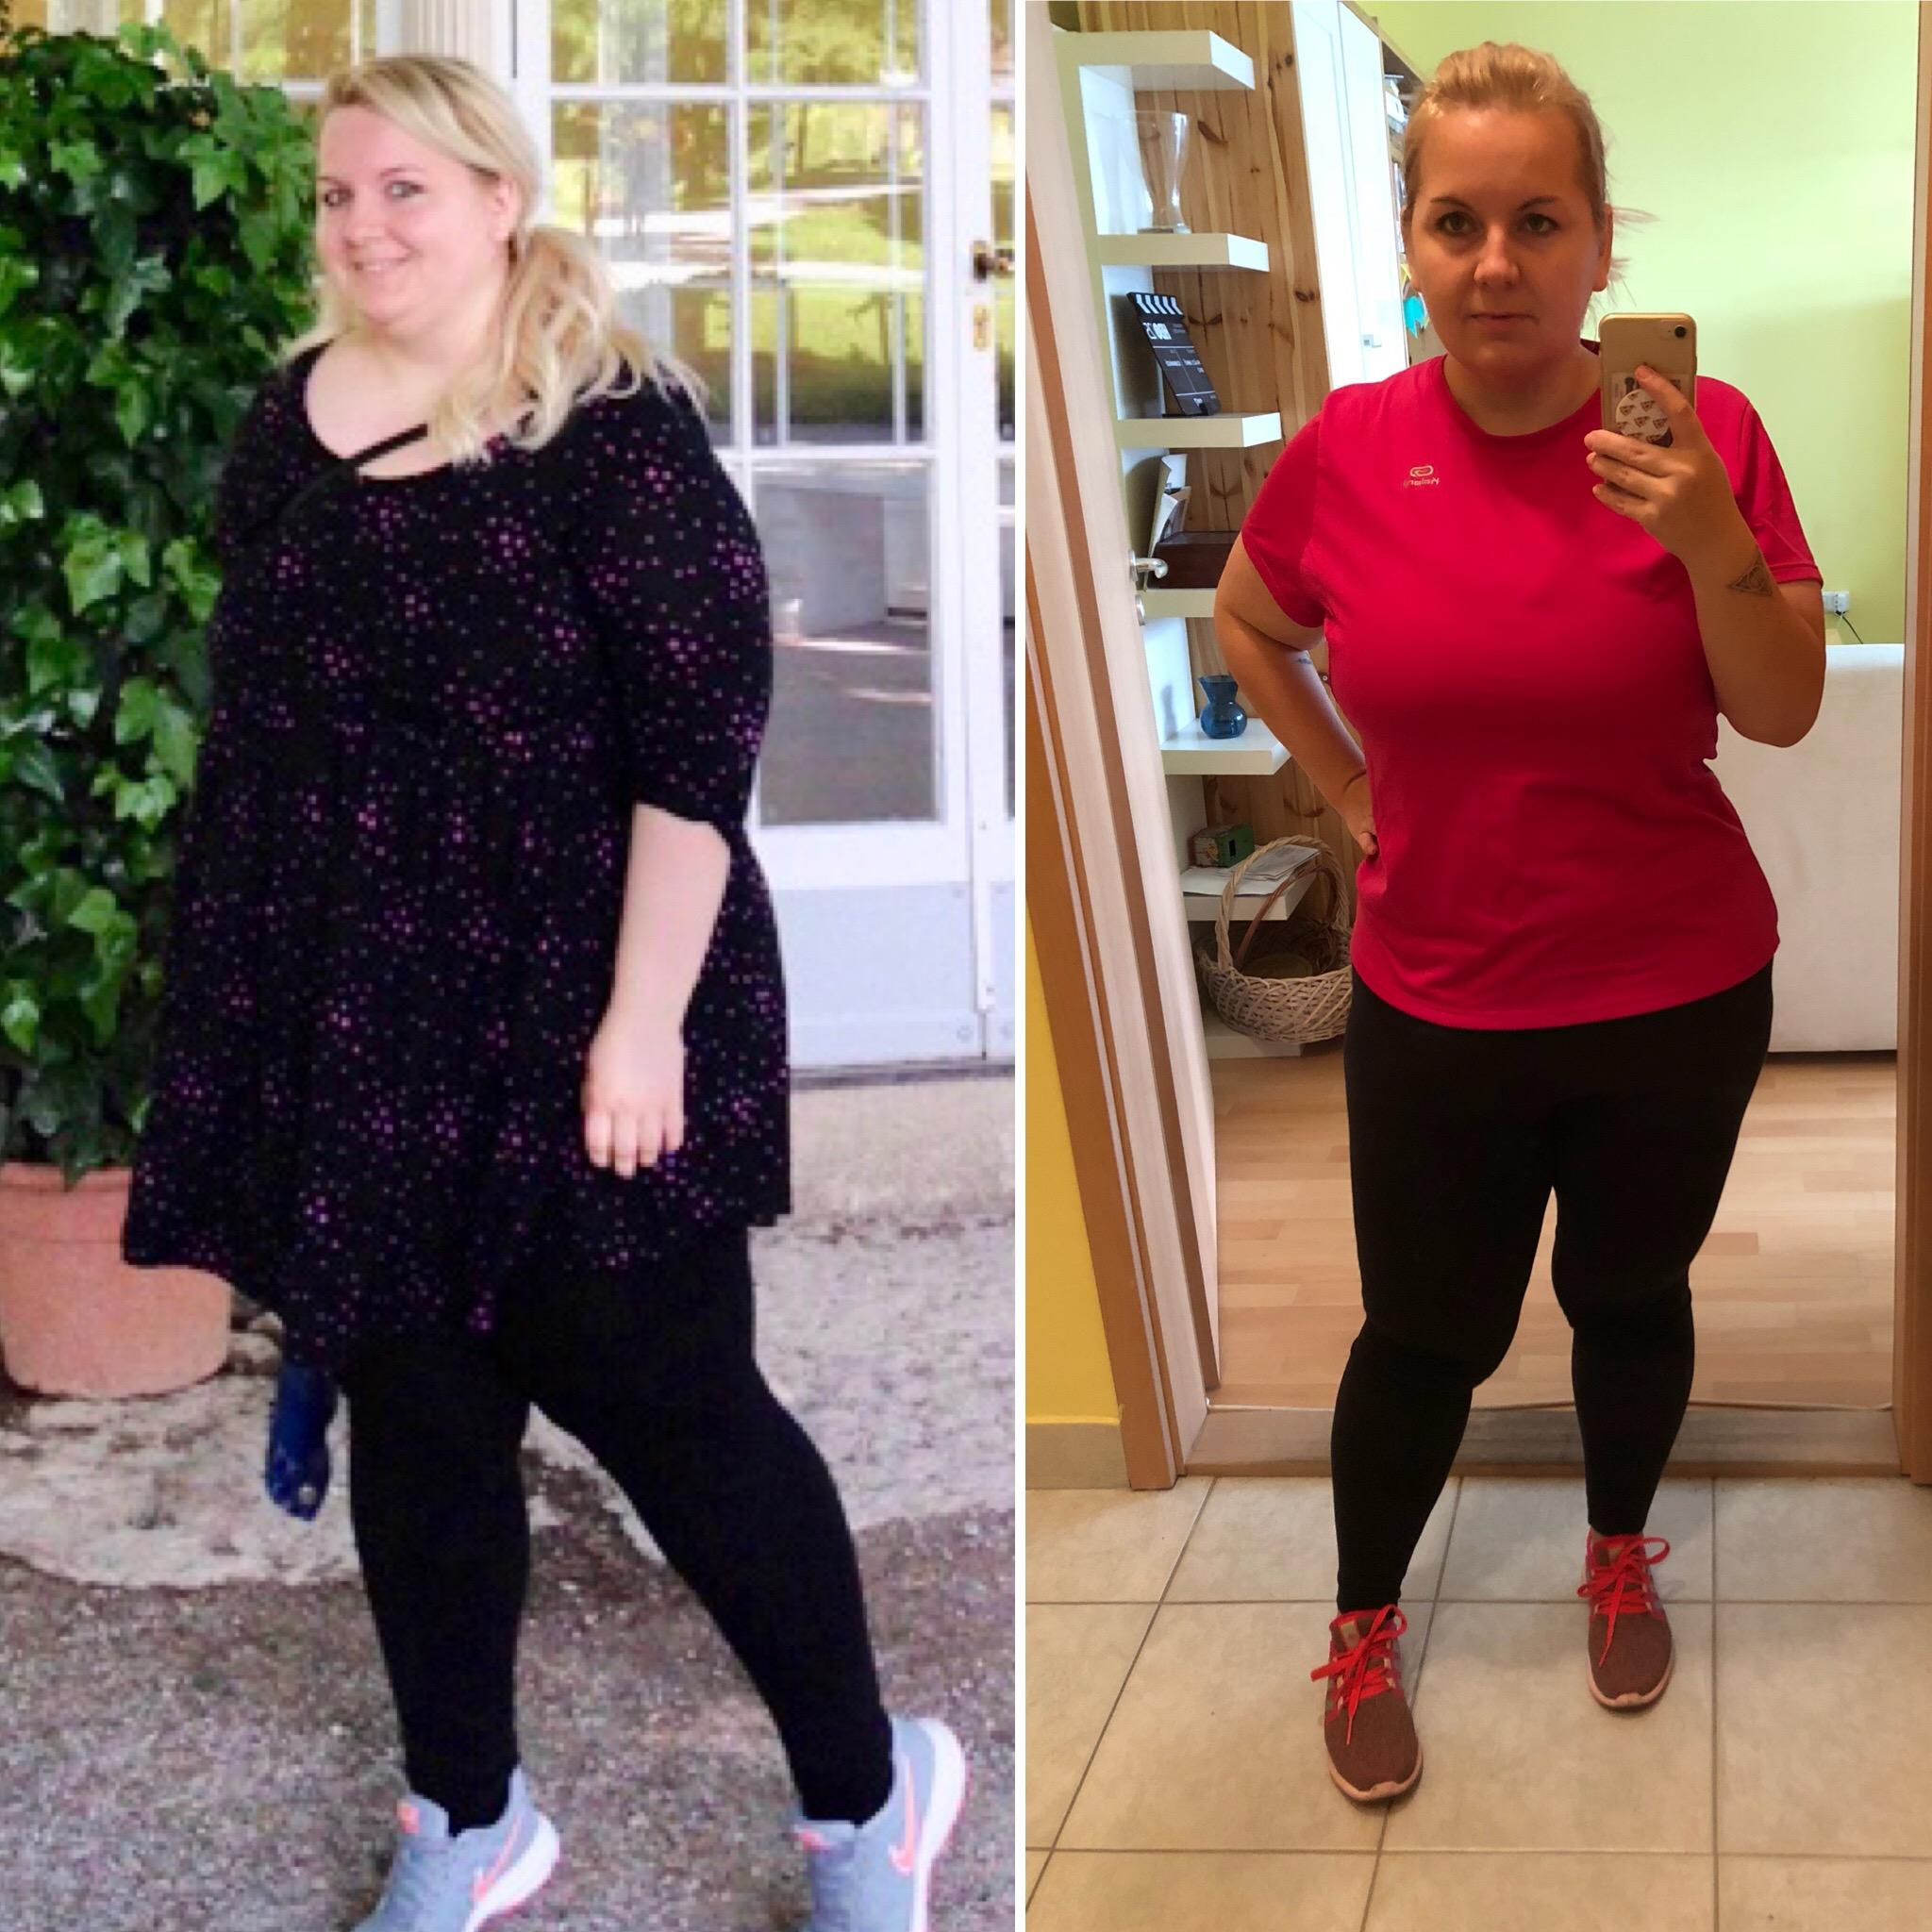 hogyan lehet lefogyni egy nap alatt 10 kilo